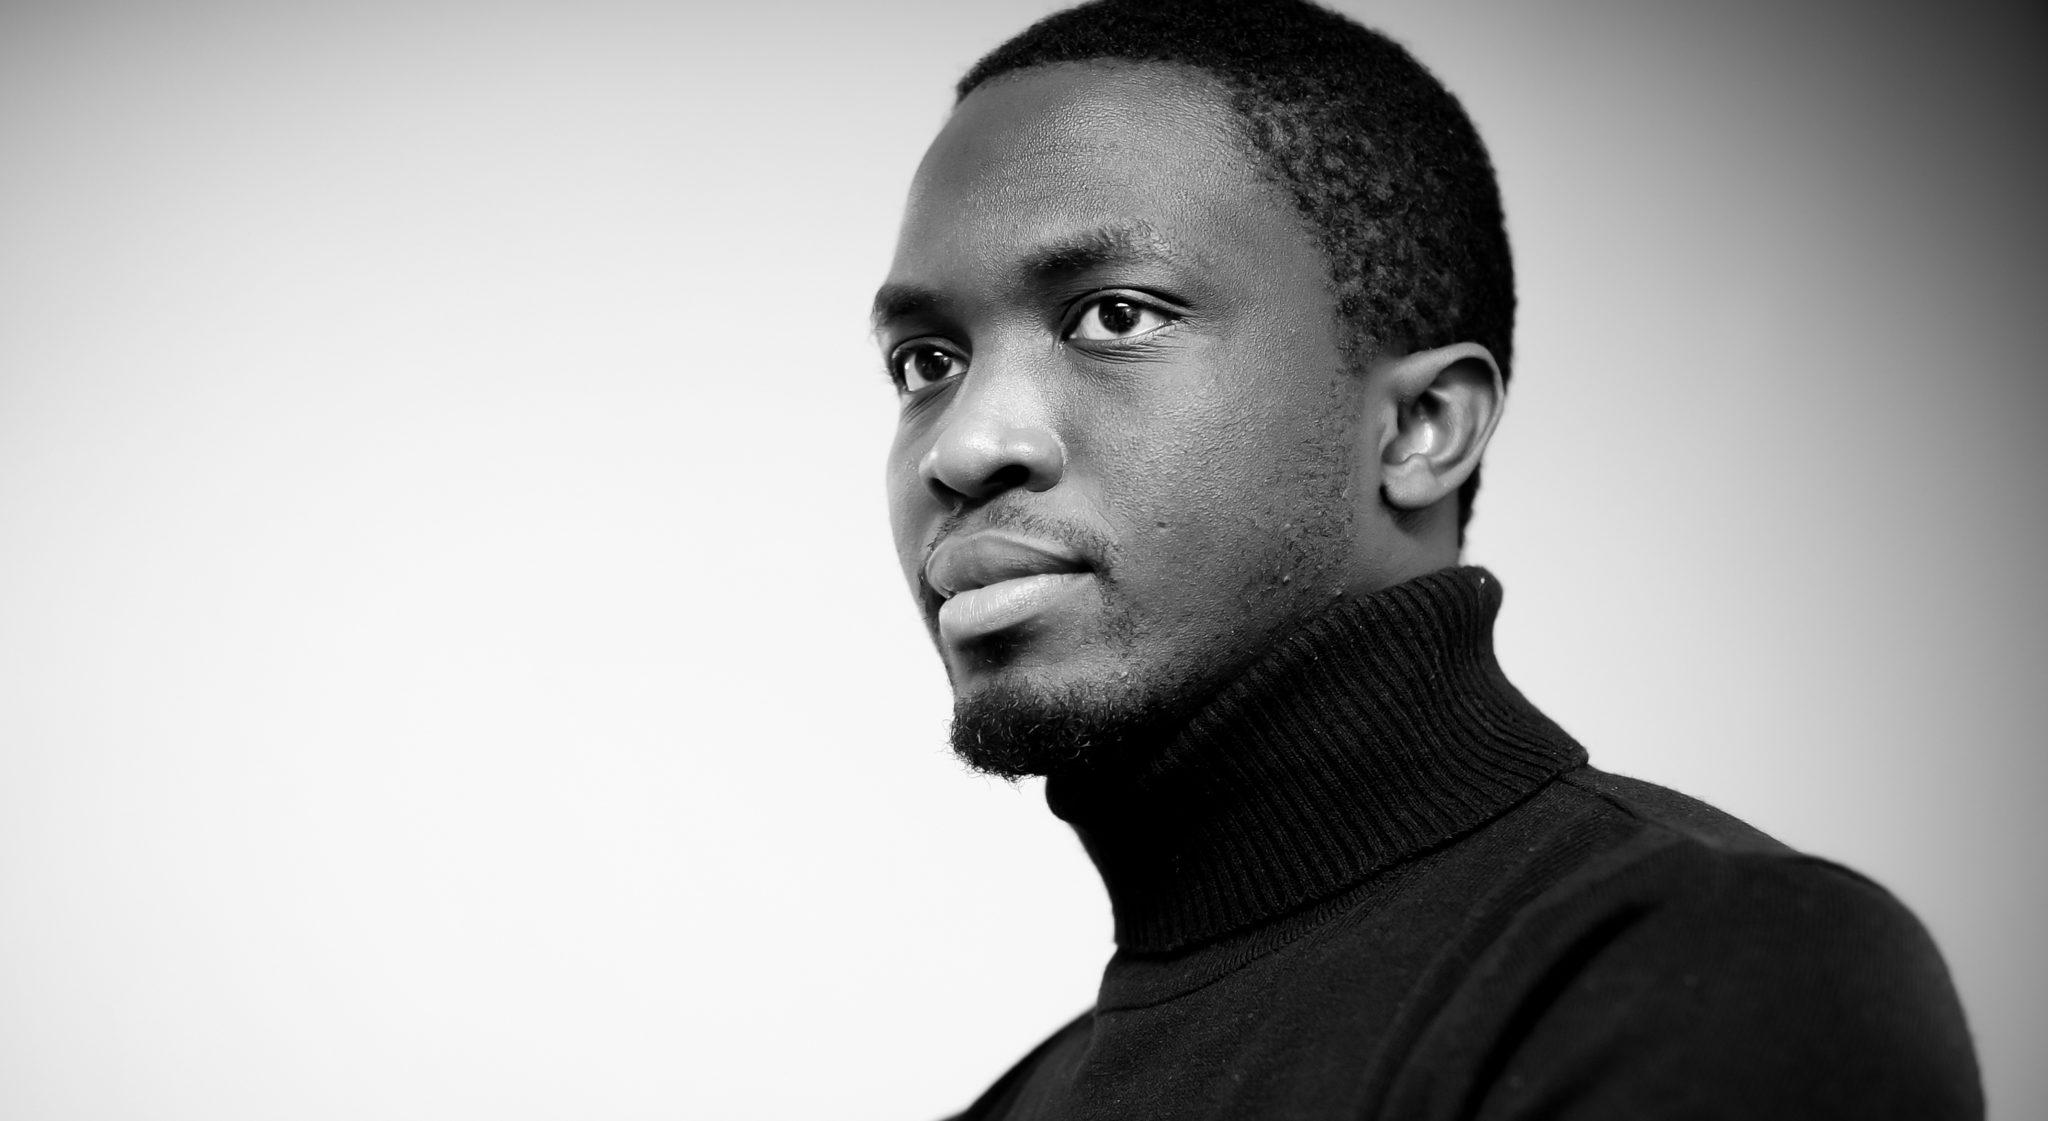 Portrait en noir et blanc de Mbougar Sarr Mohamed, l'écrivain sénégalais.